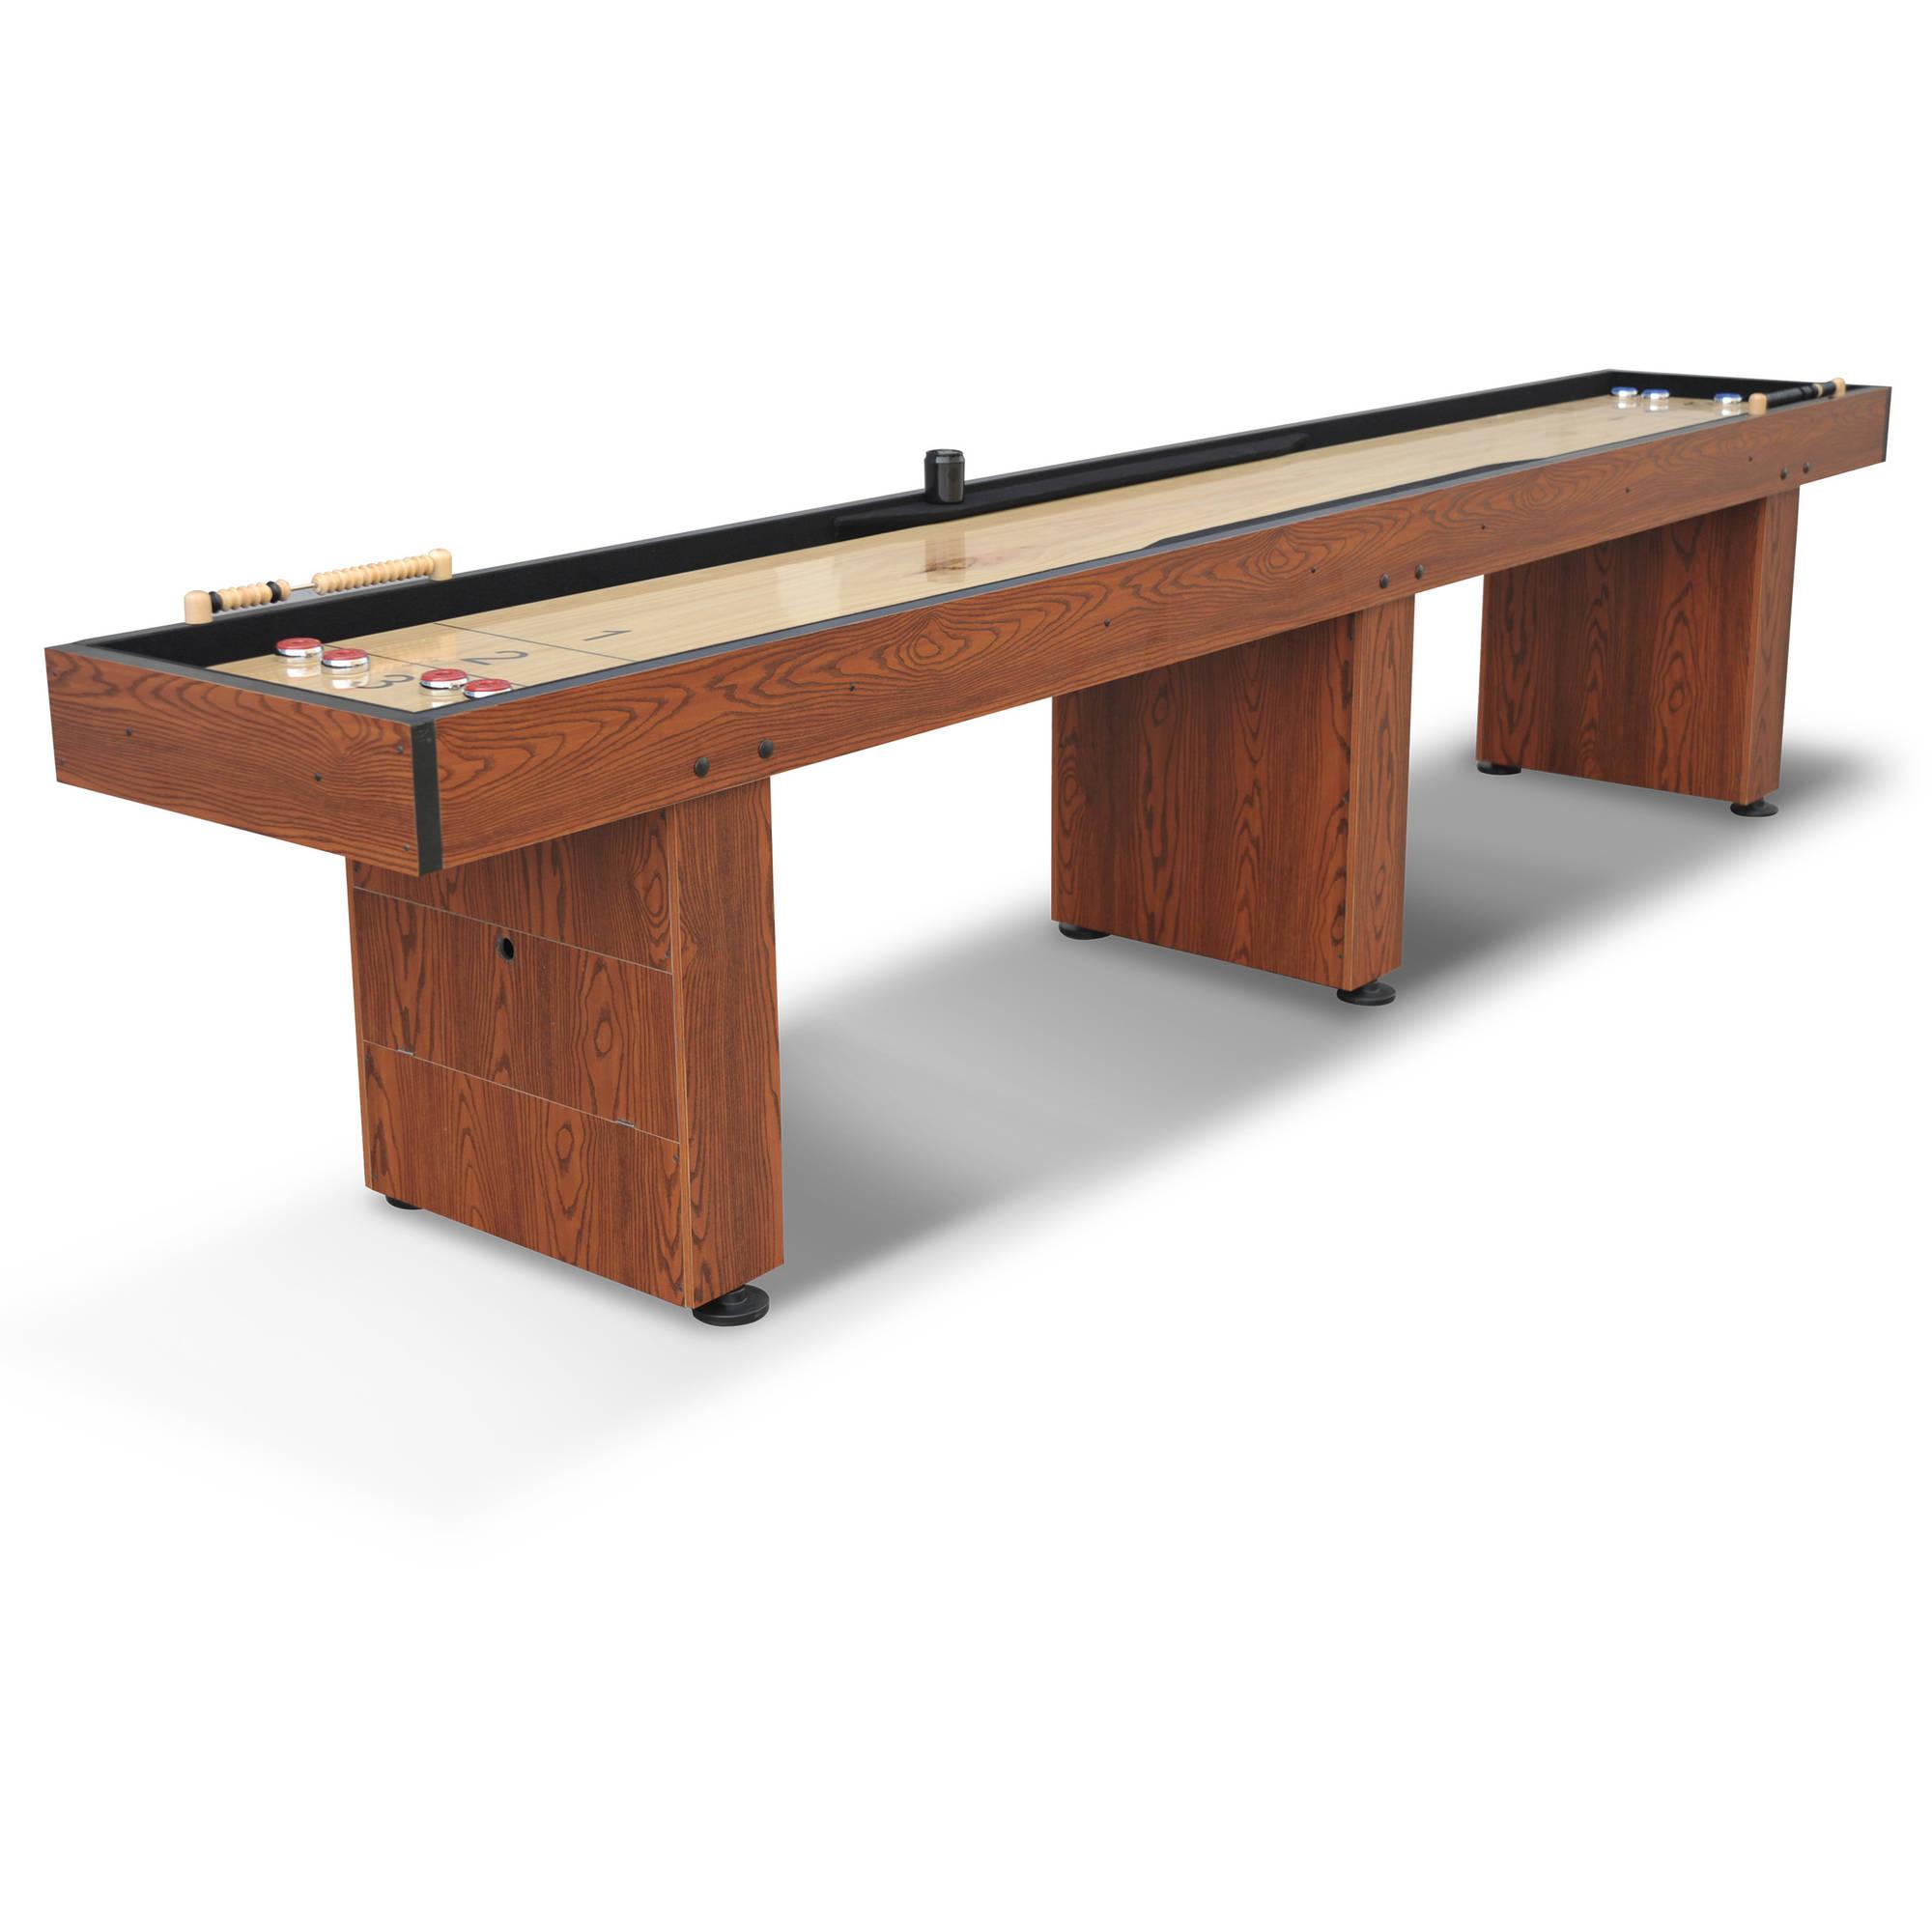 EastPoint Sports 12' Shuffleboard Table